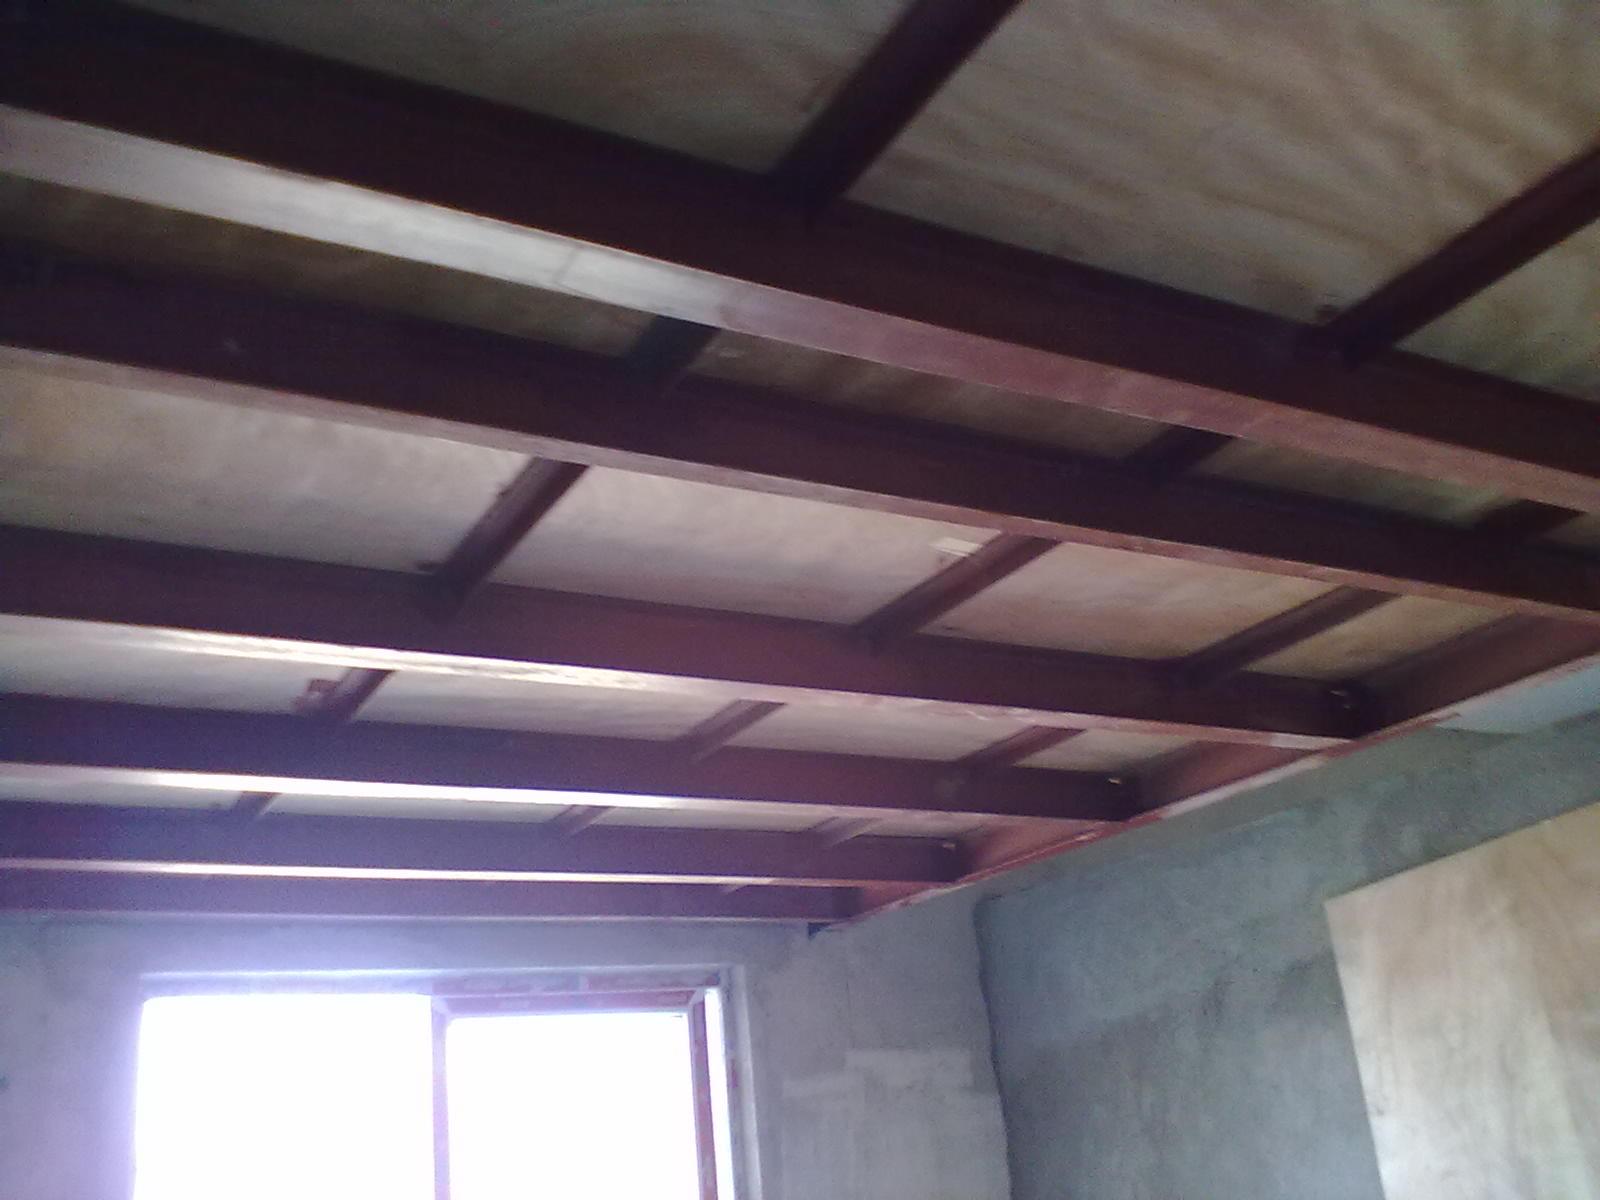 裝修論壇 施工隊園地  > 復式鋼結構鋼木結構閣樓焊接施工過程   9樓